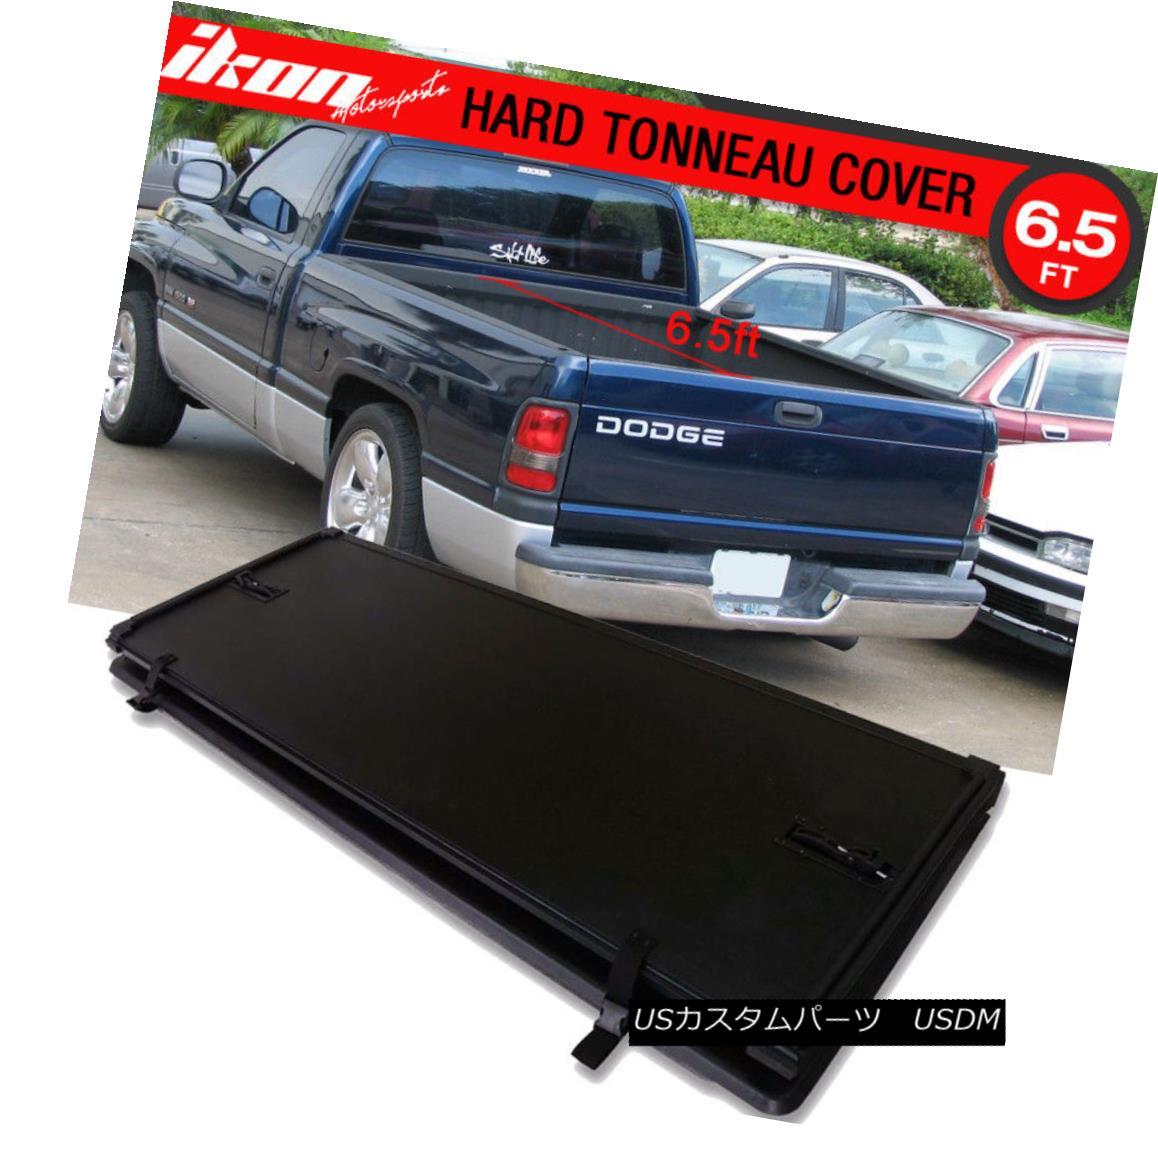 エアロパーツ For 94-01 Dodge Ram 1500 6.5ft 78in Bed Lock Tri-Fold Hard Solid Tonneau Cover 94-01ドッジラム1500 6.5フィート78インチベッドロックトライフォールドハードソリッドトノーカバー